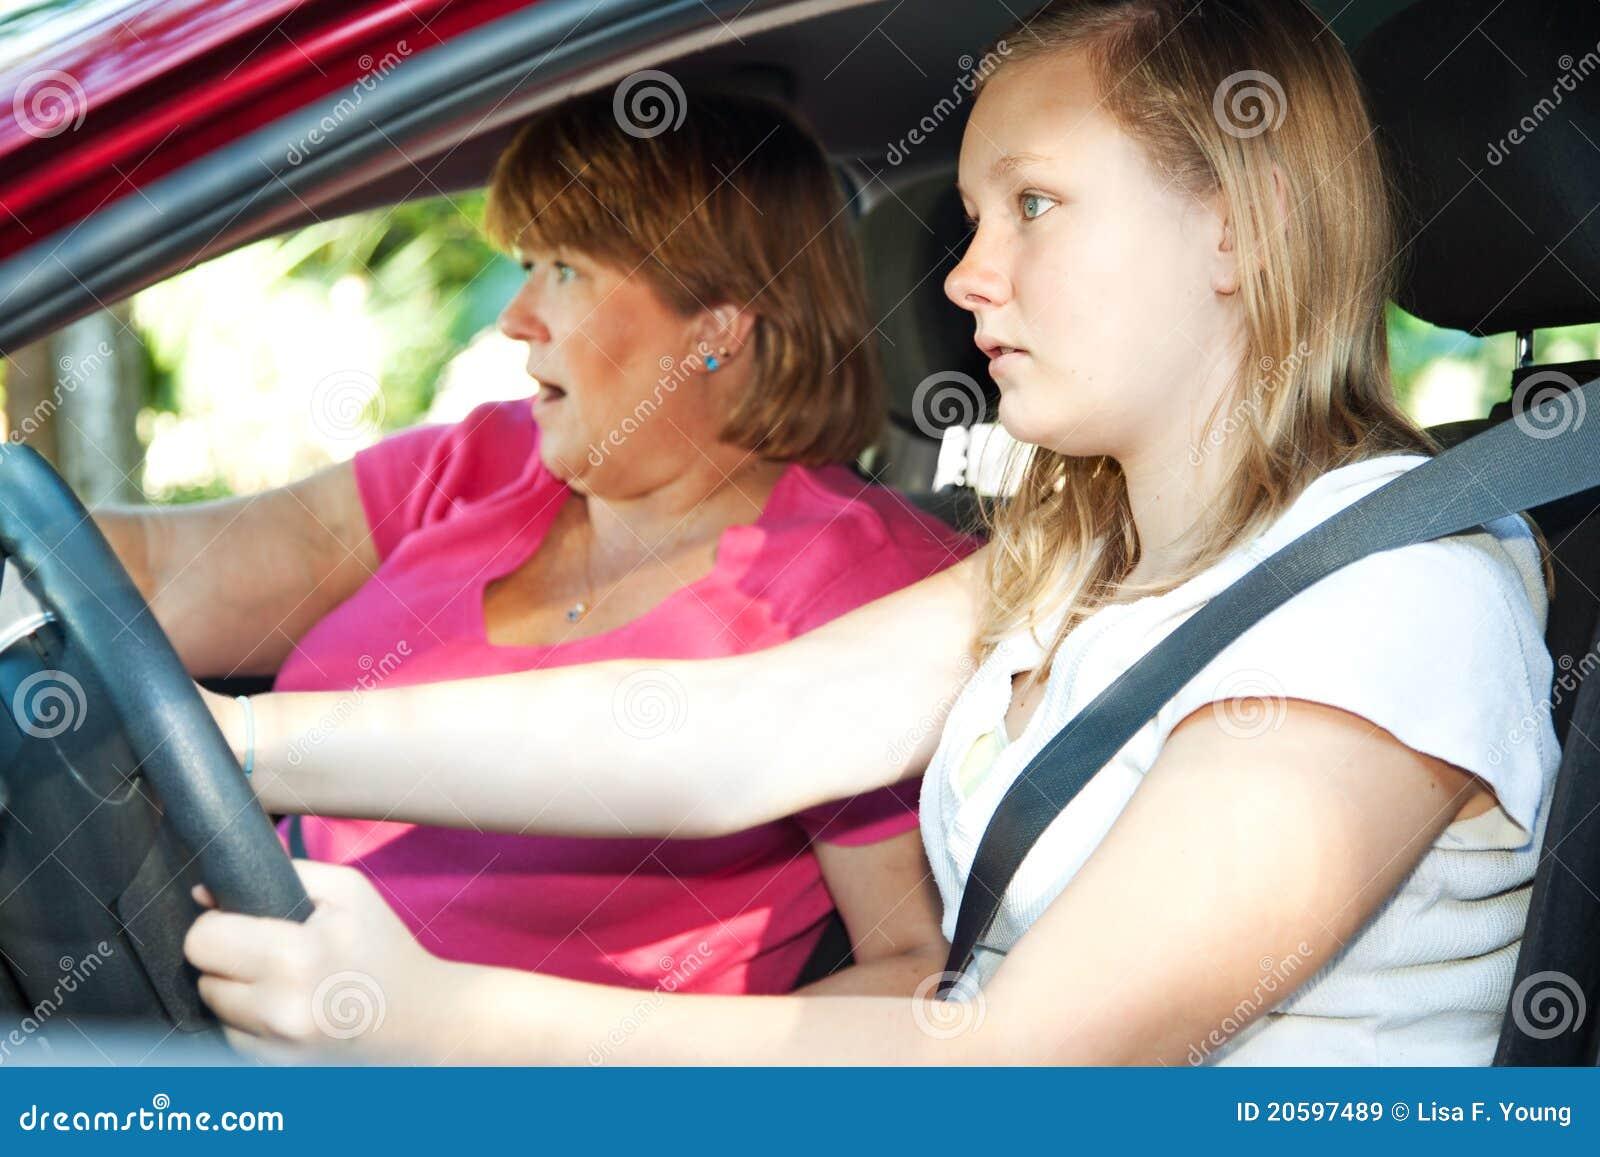 Jugendlich Treiber - Autounfall